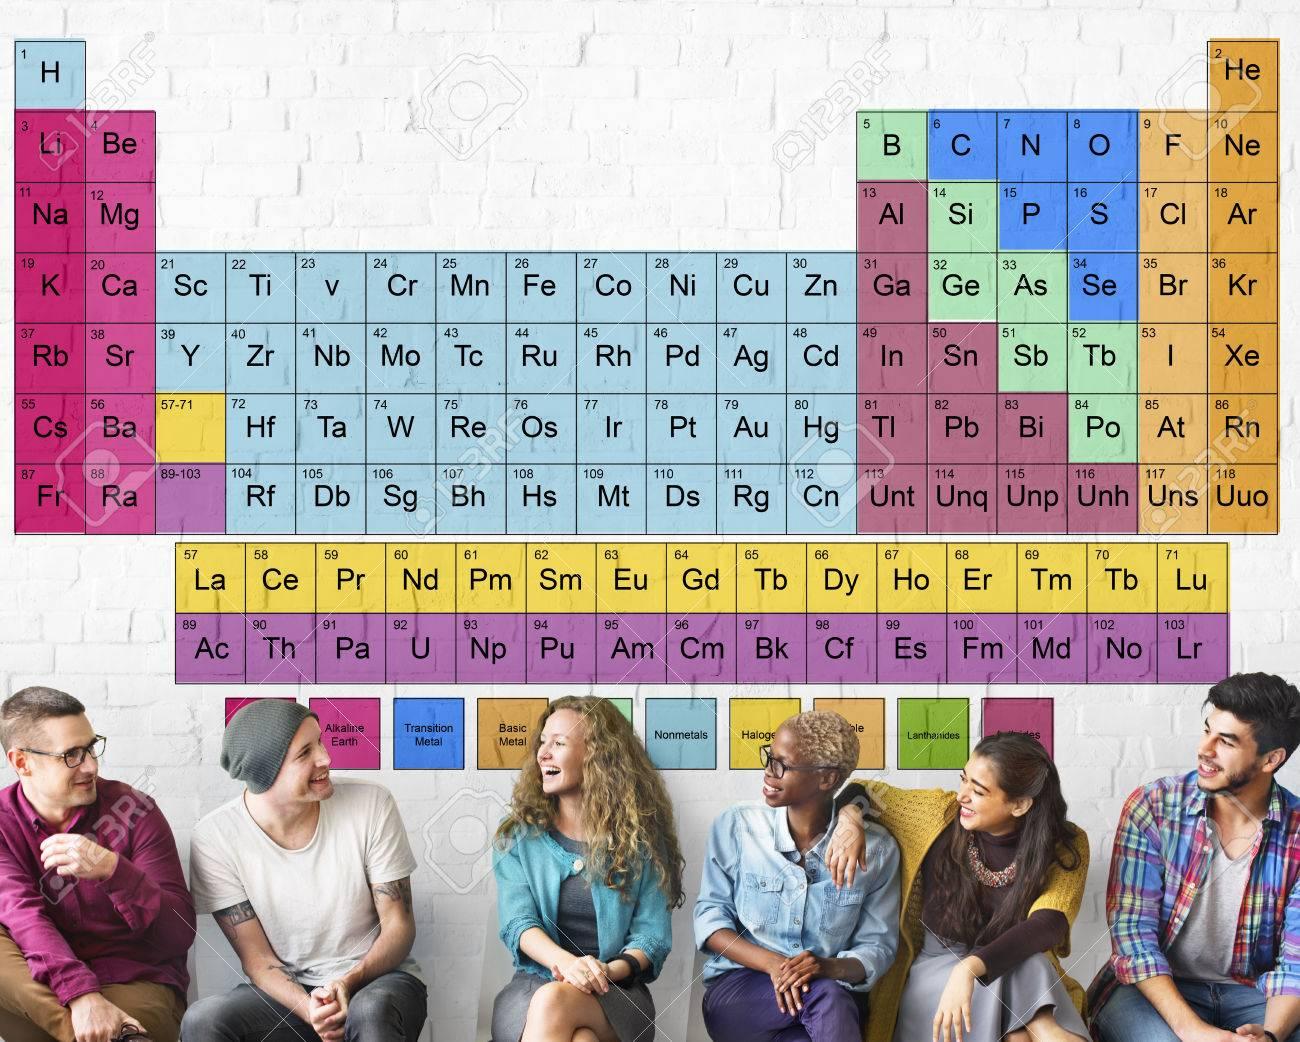 Tabla peridica de mendeleiev qumica qumica concepto fotos foto de archivo tabla peridica de mendeleiev qumica qumica concepto urtaz Images